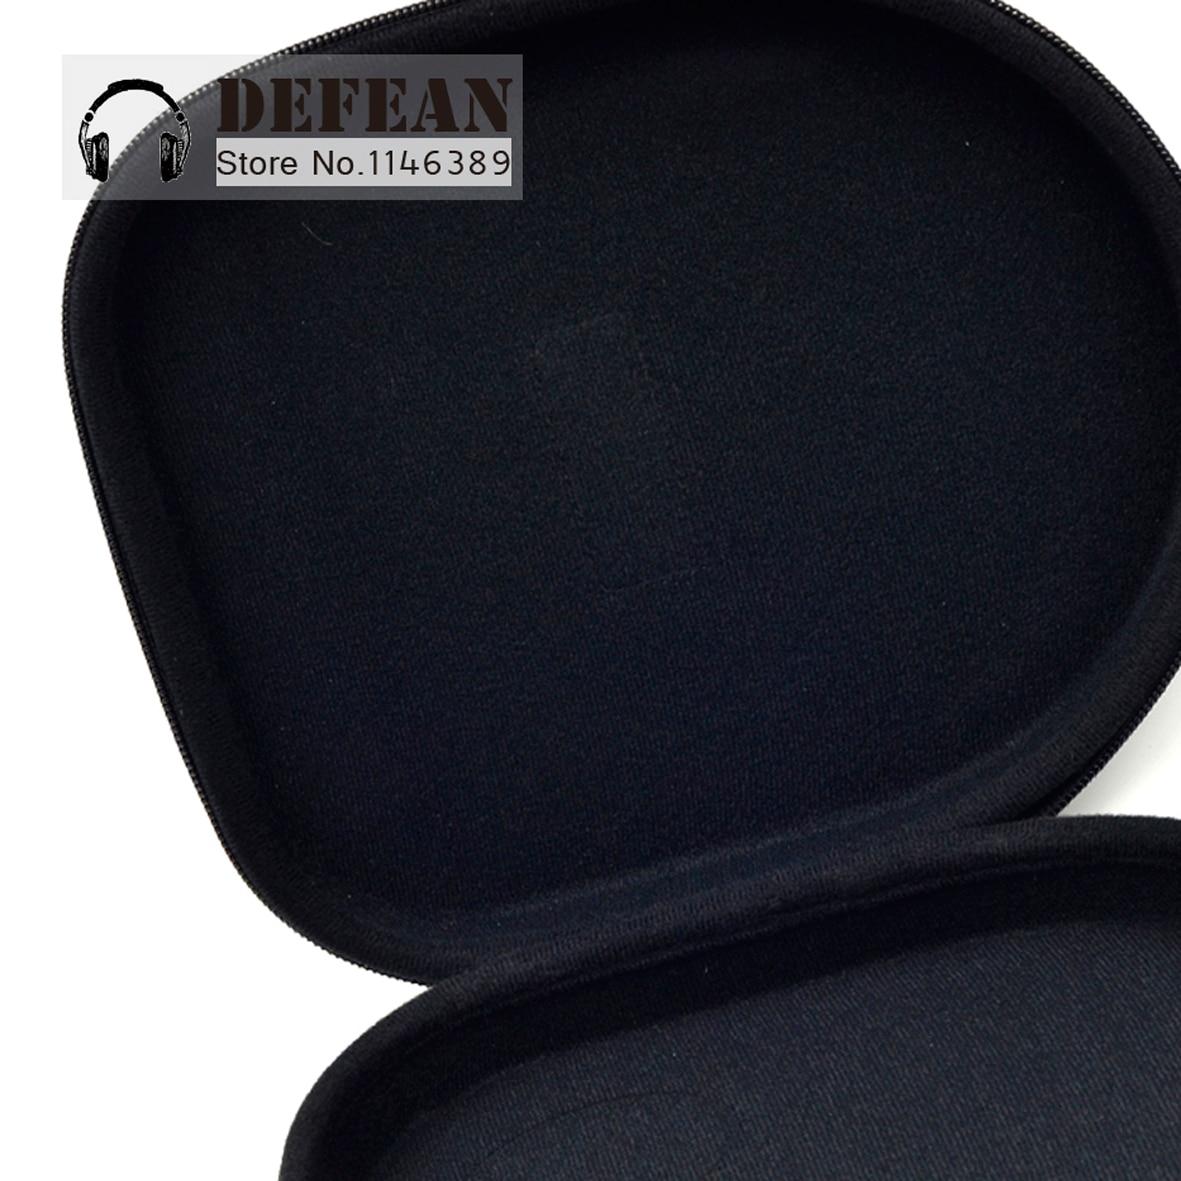 Portable hard case box bag for TELEX AIRMAN 750 760 850 ...